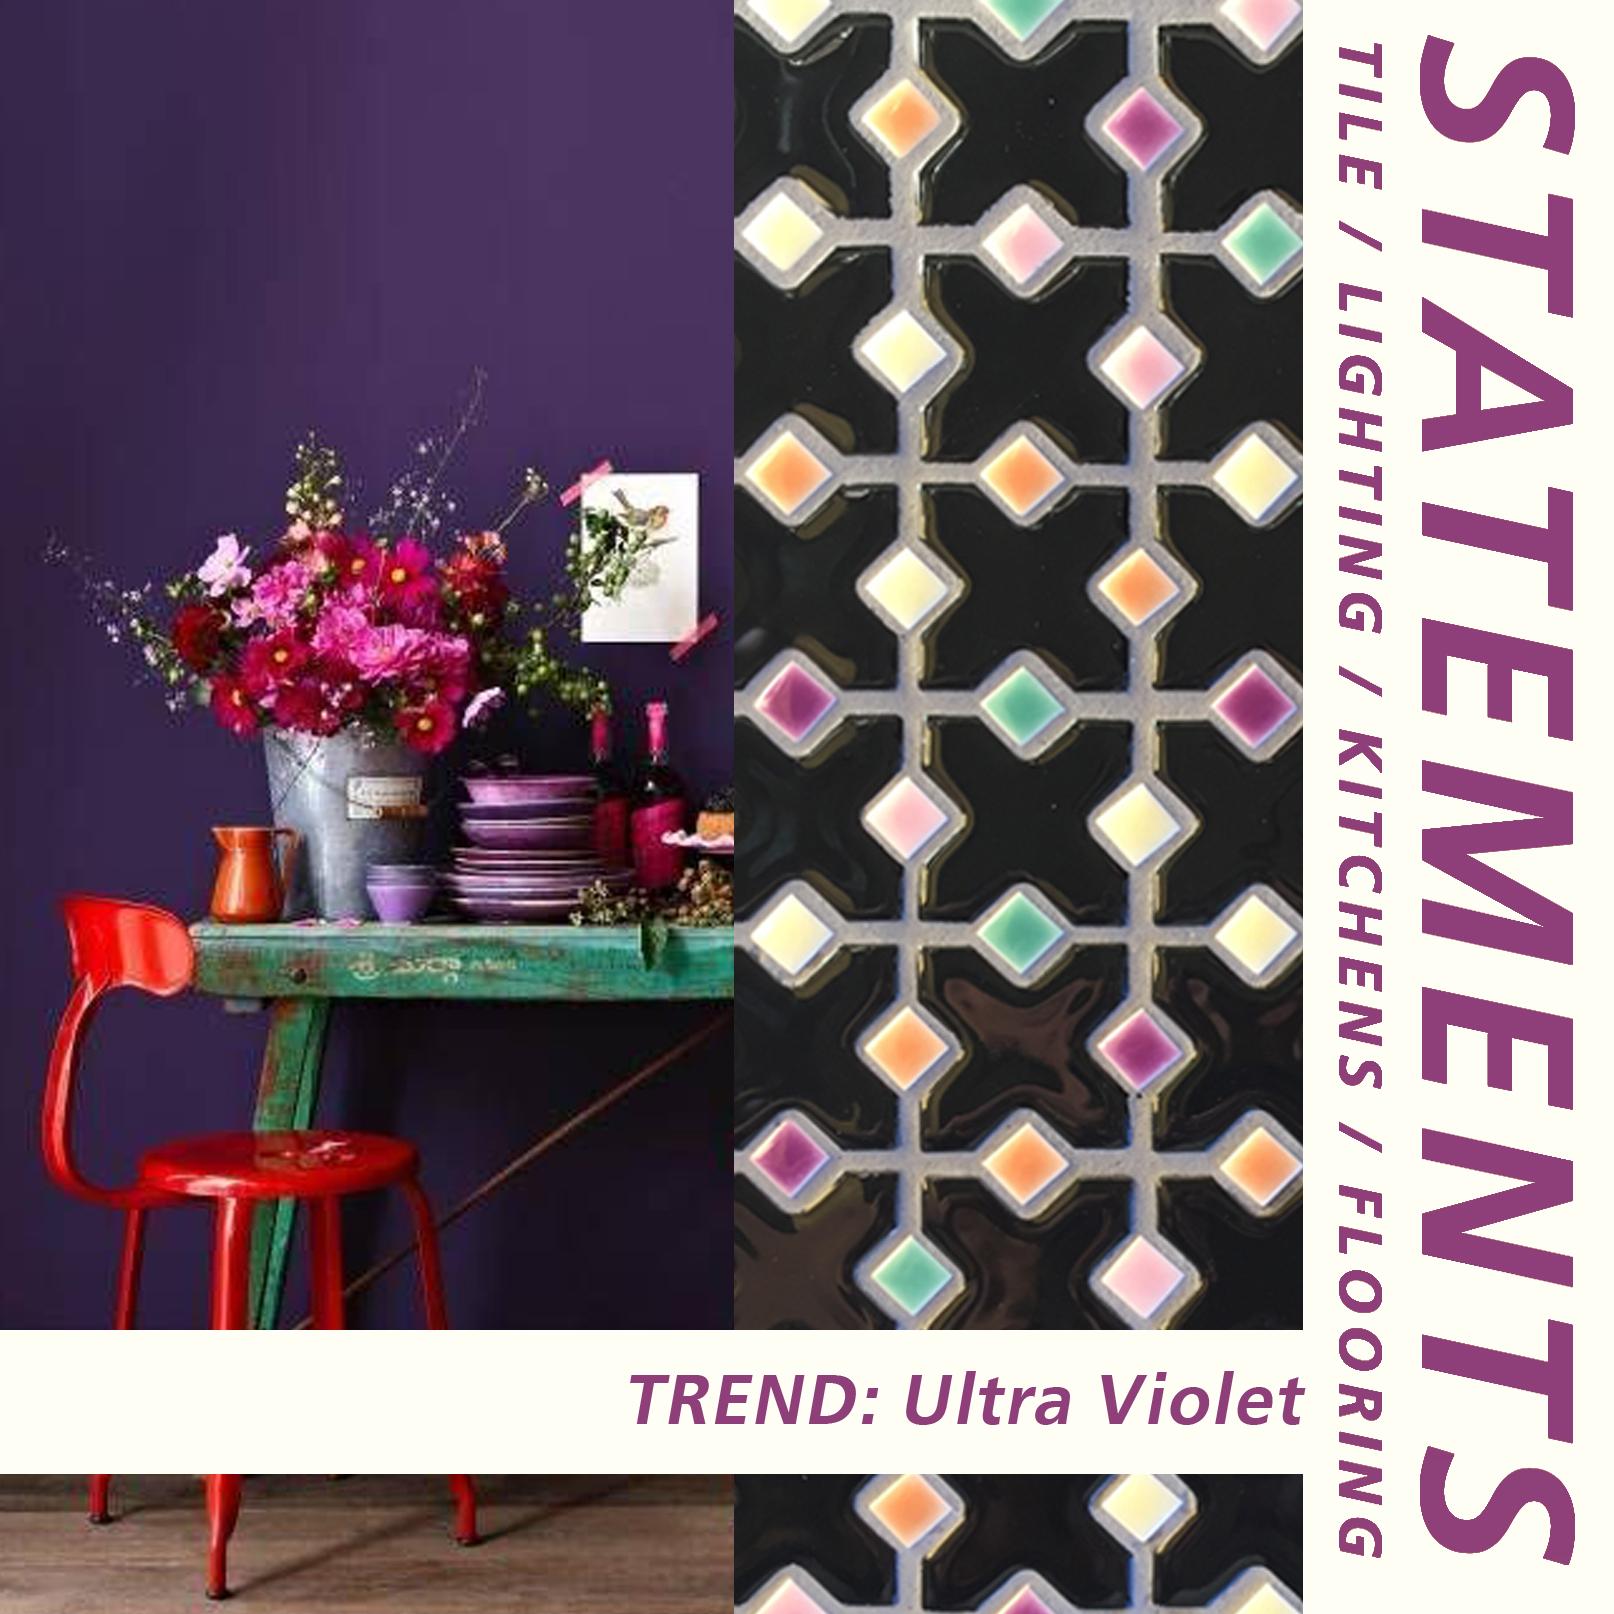 Statements_In-Tile-trend-ultra-violet-share.jpg